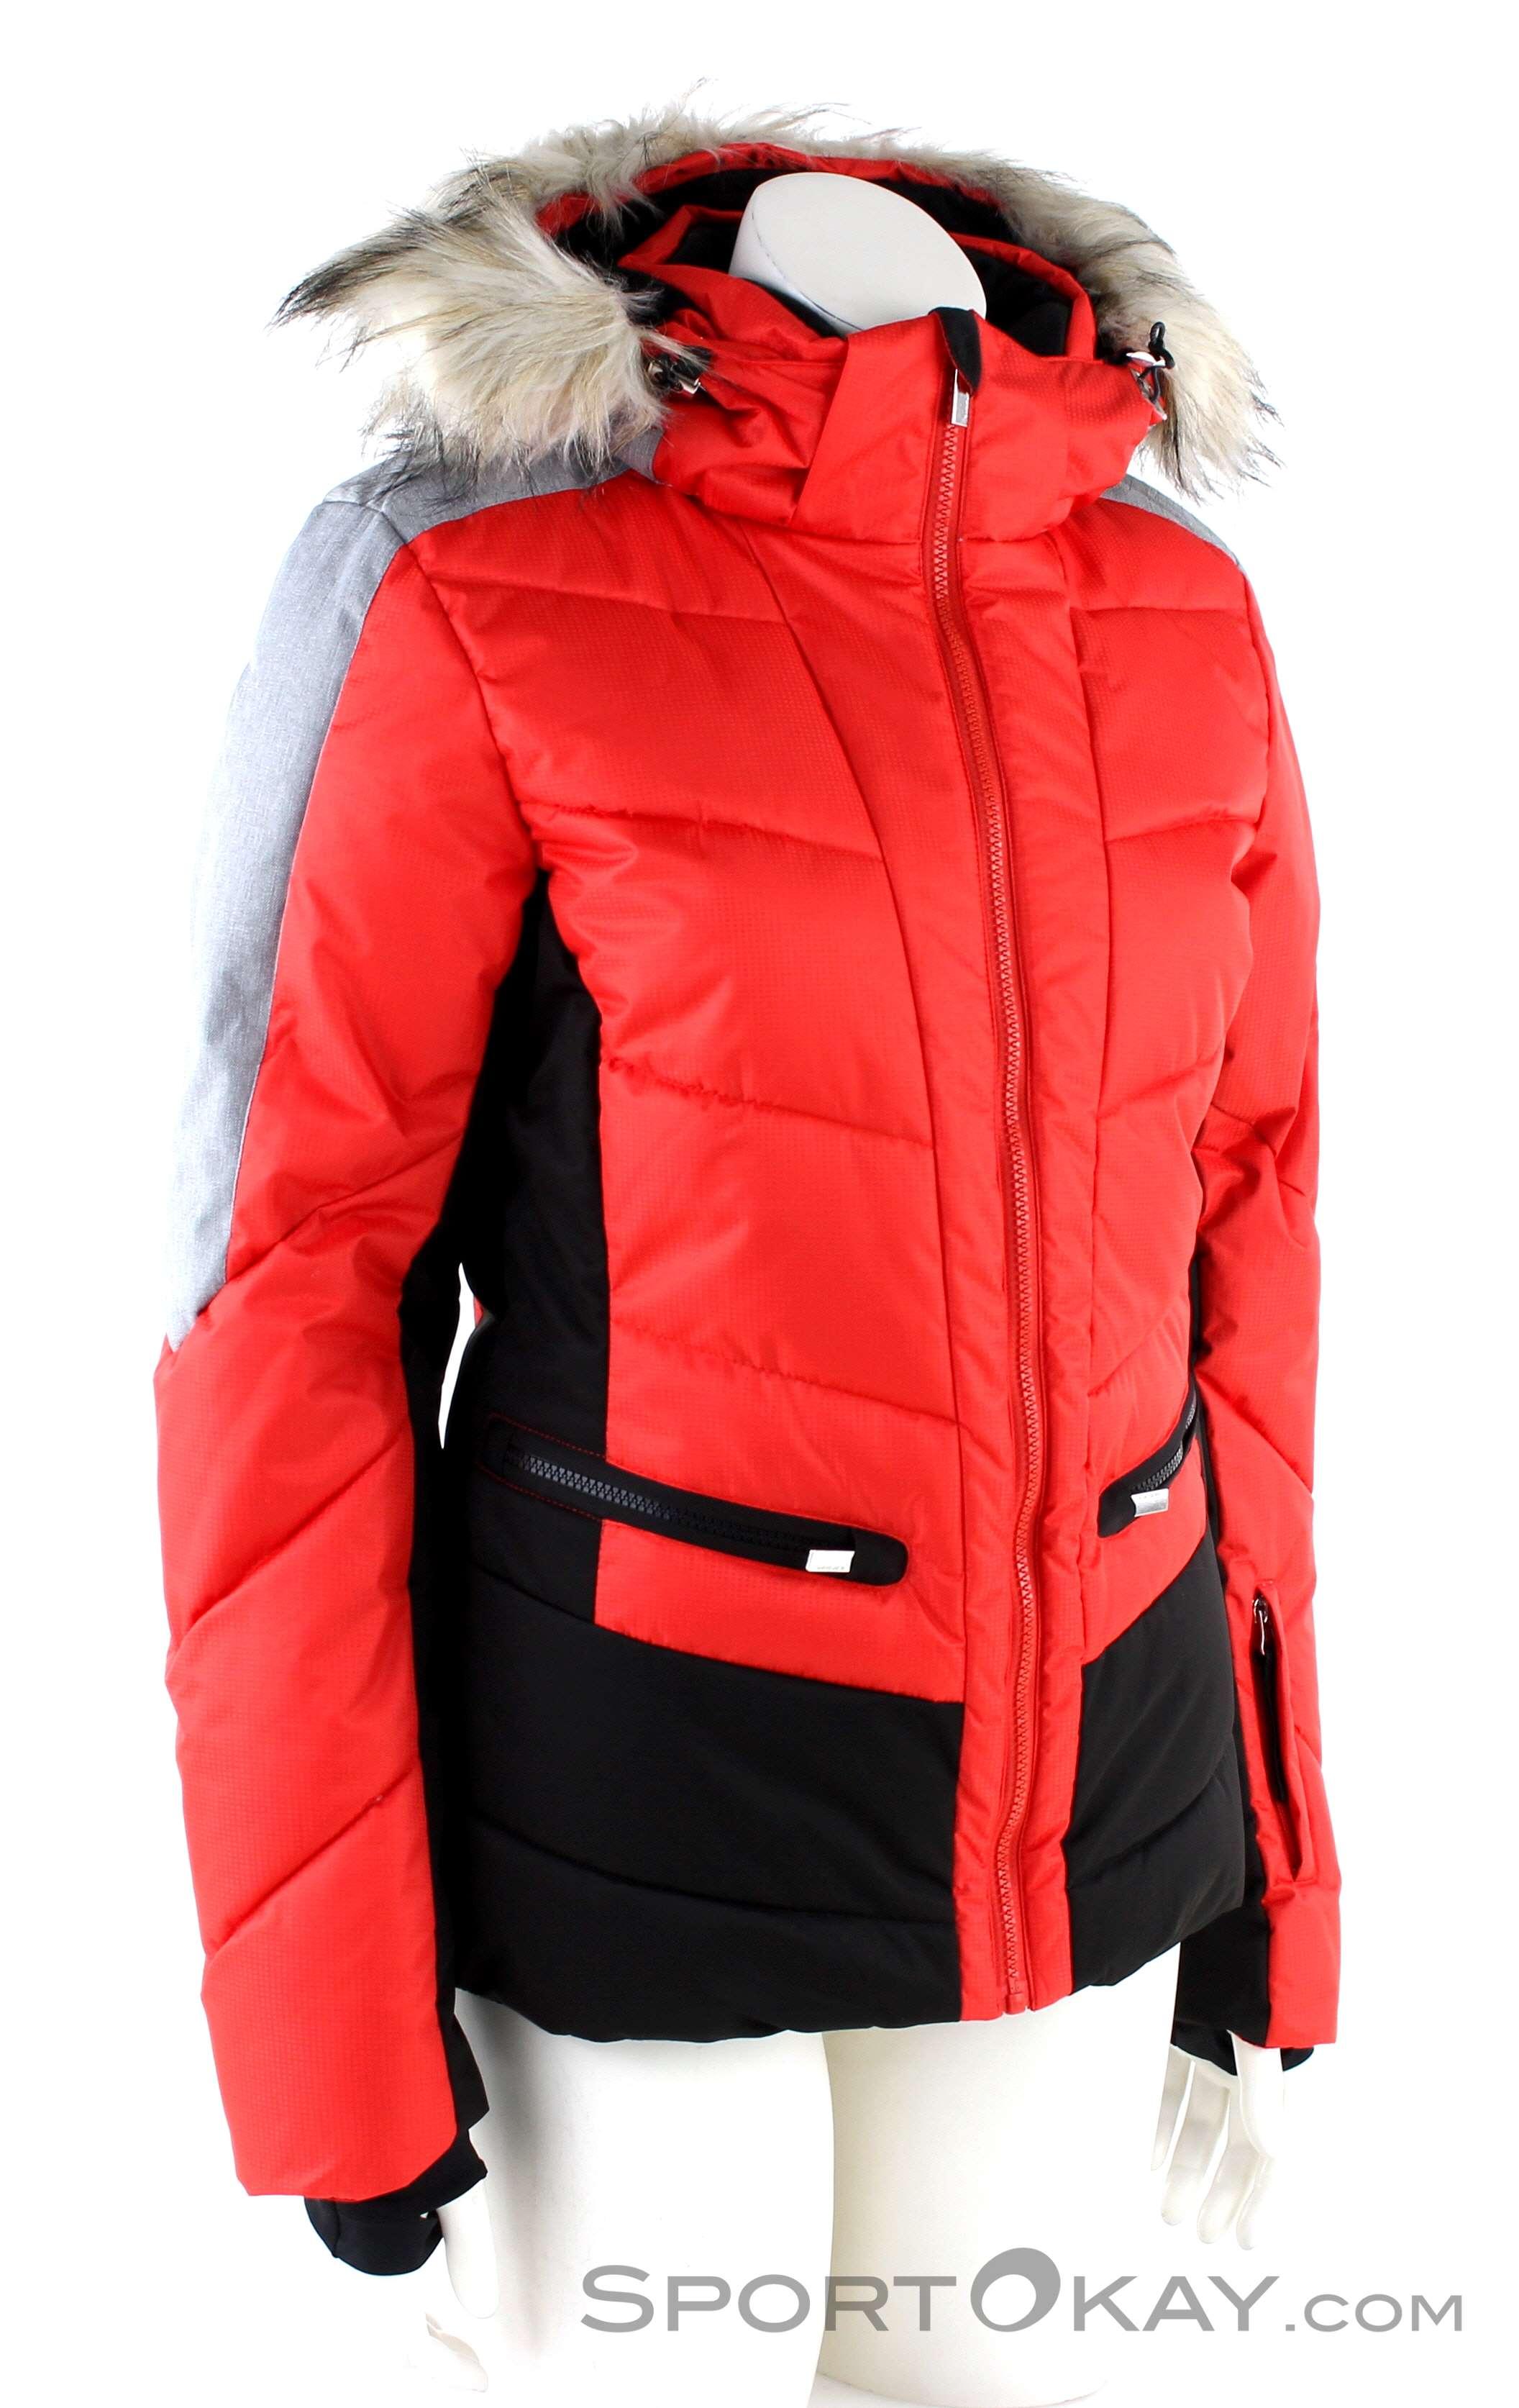 Suchergebnis auf für: icepeak damen skijacke rot